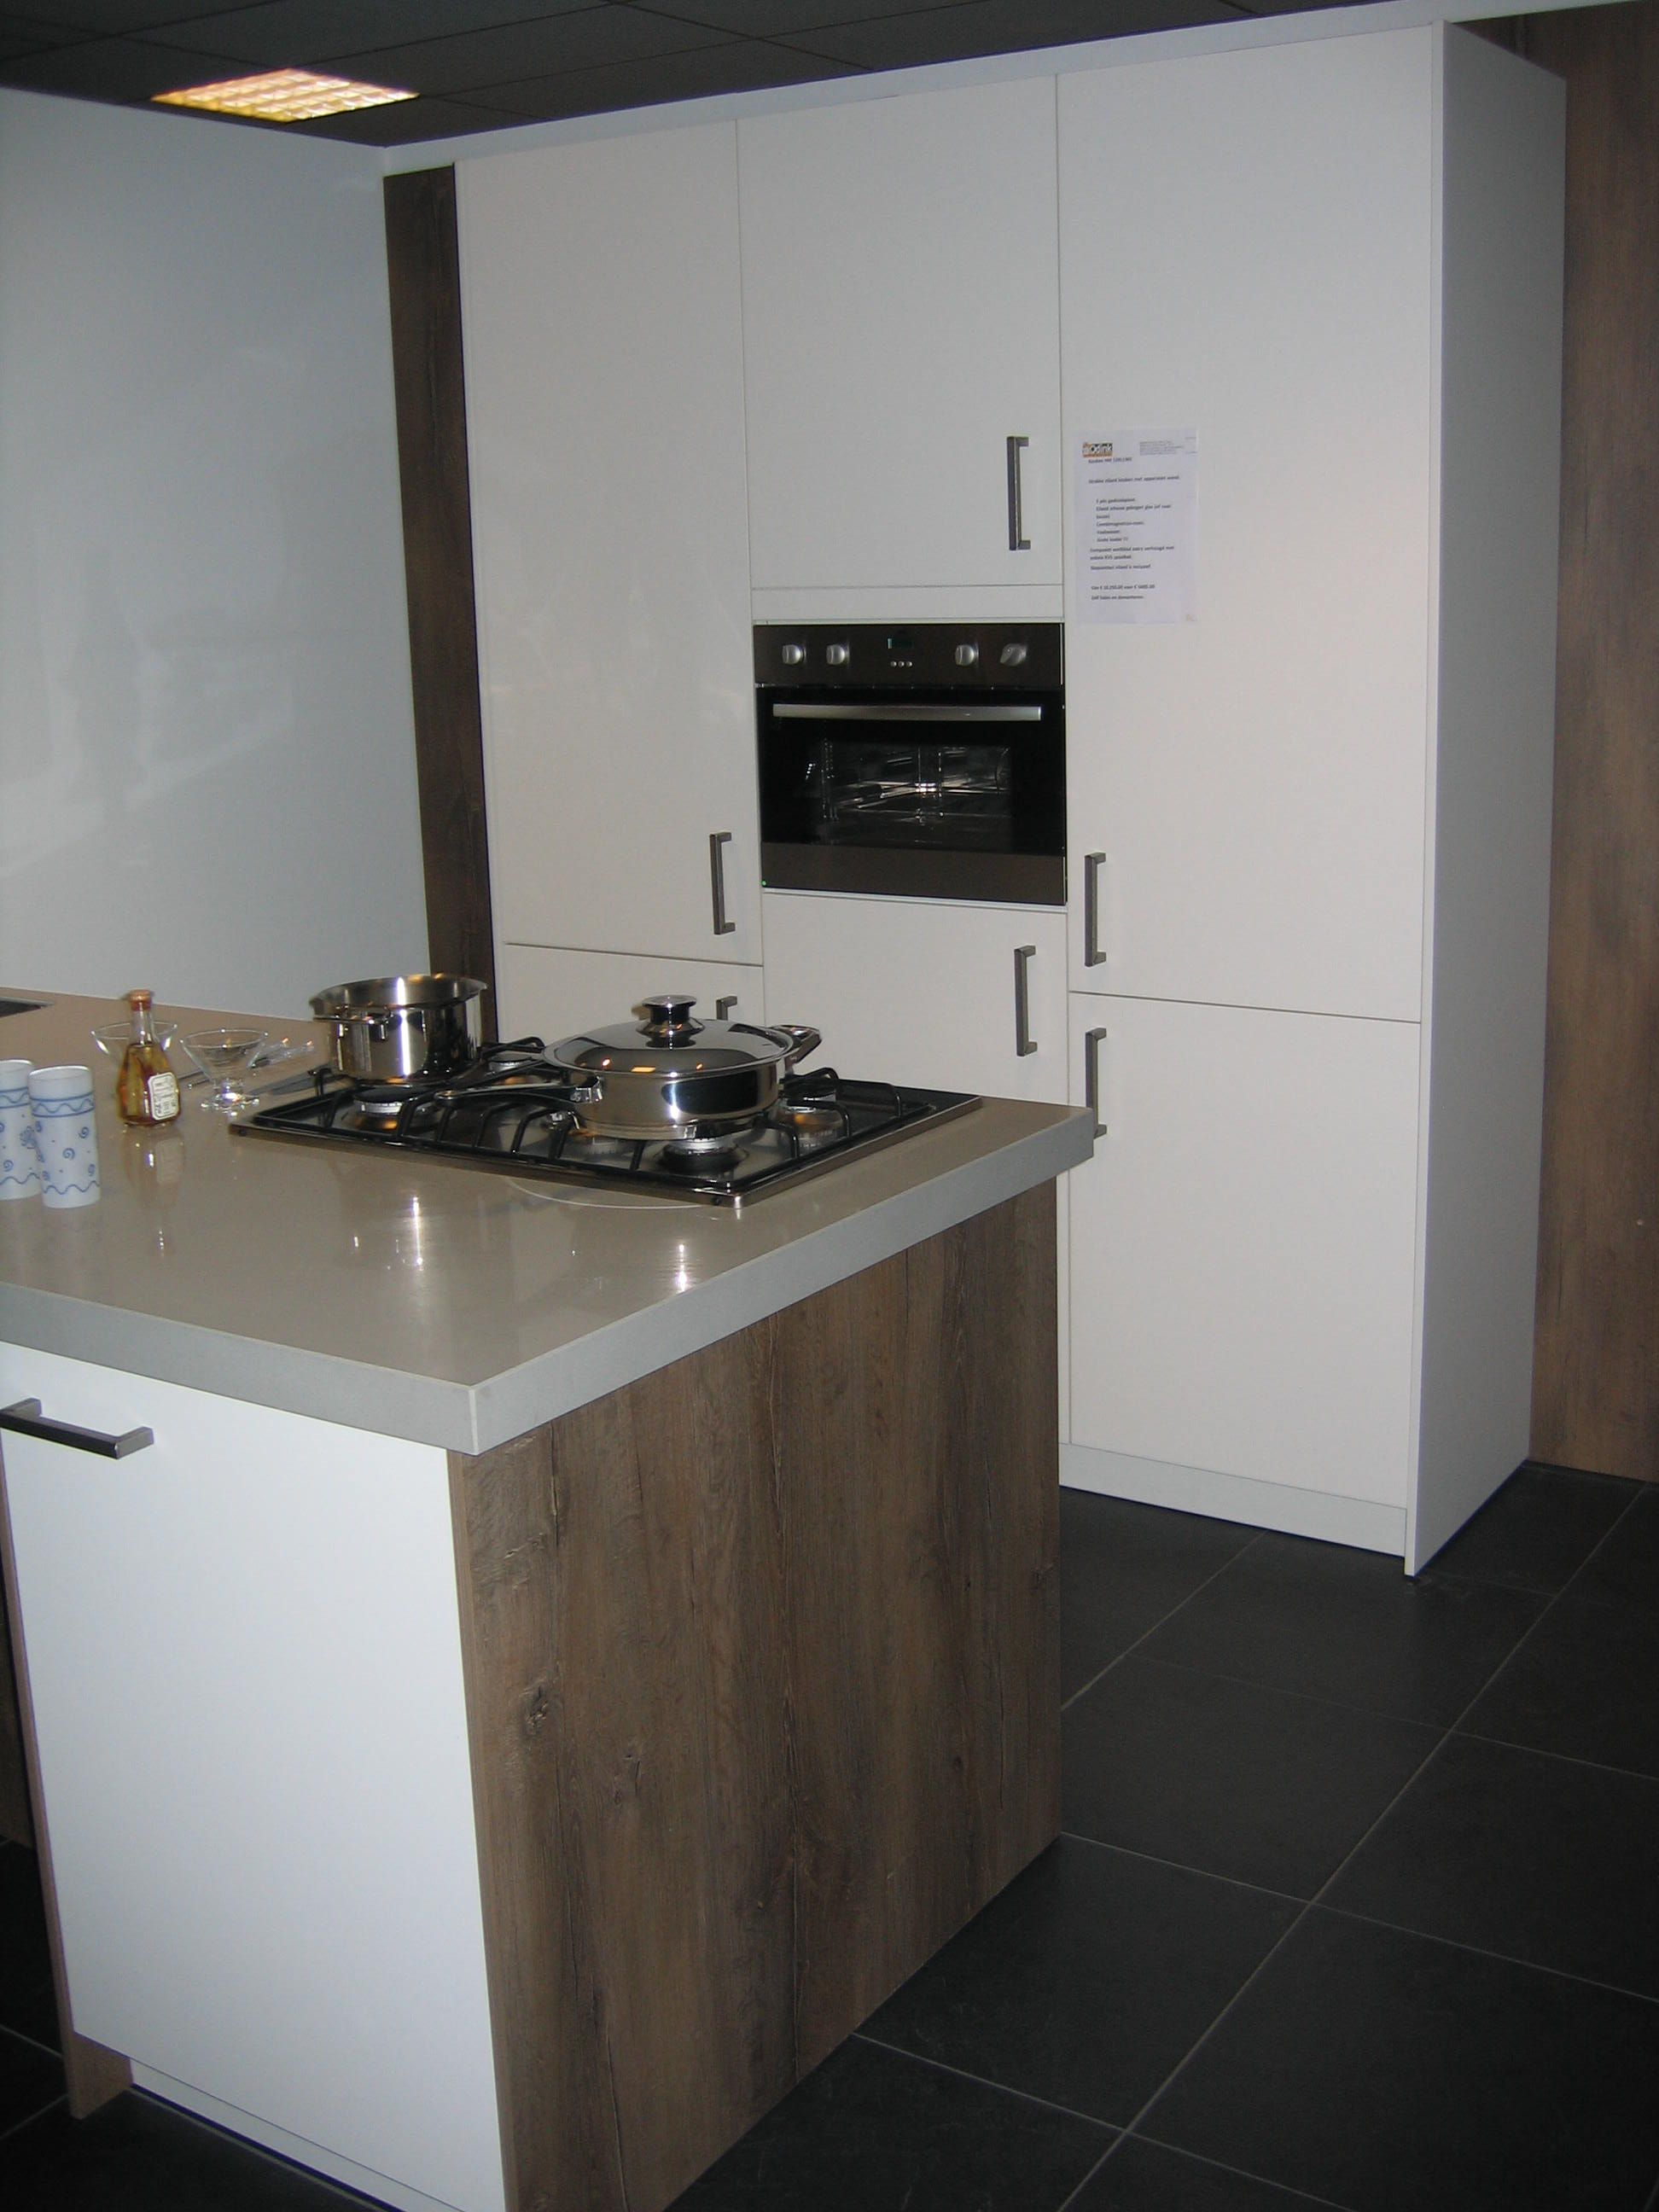 Moderne Keuken Eiland: Keukens voor zeer lage keuken prijzen ...